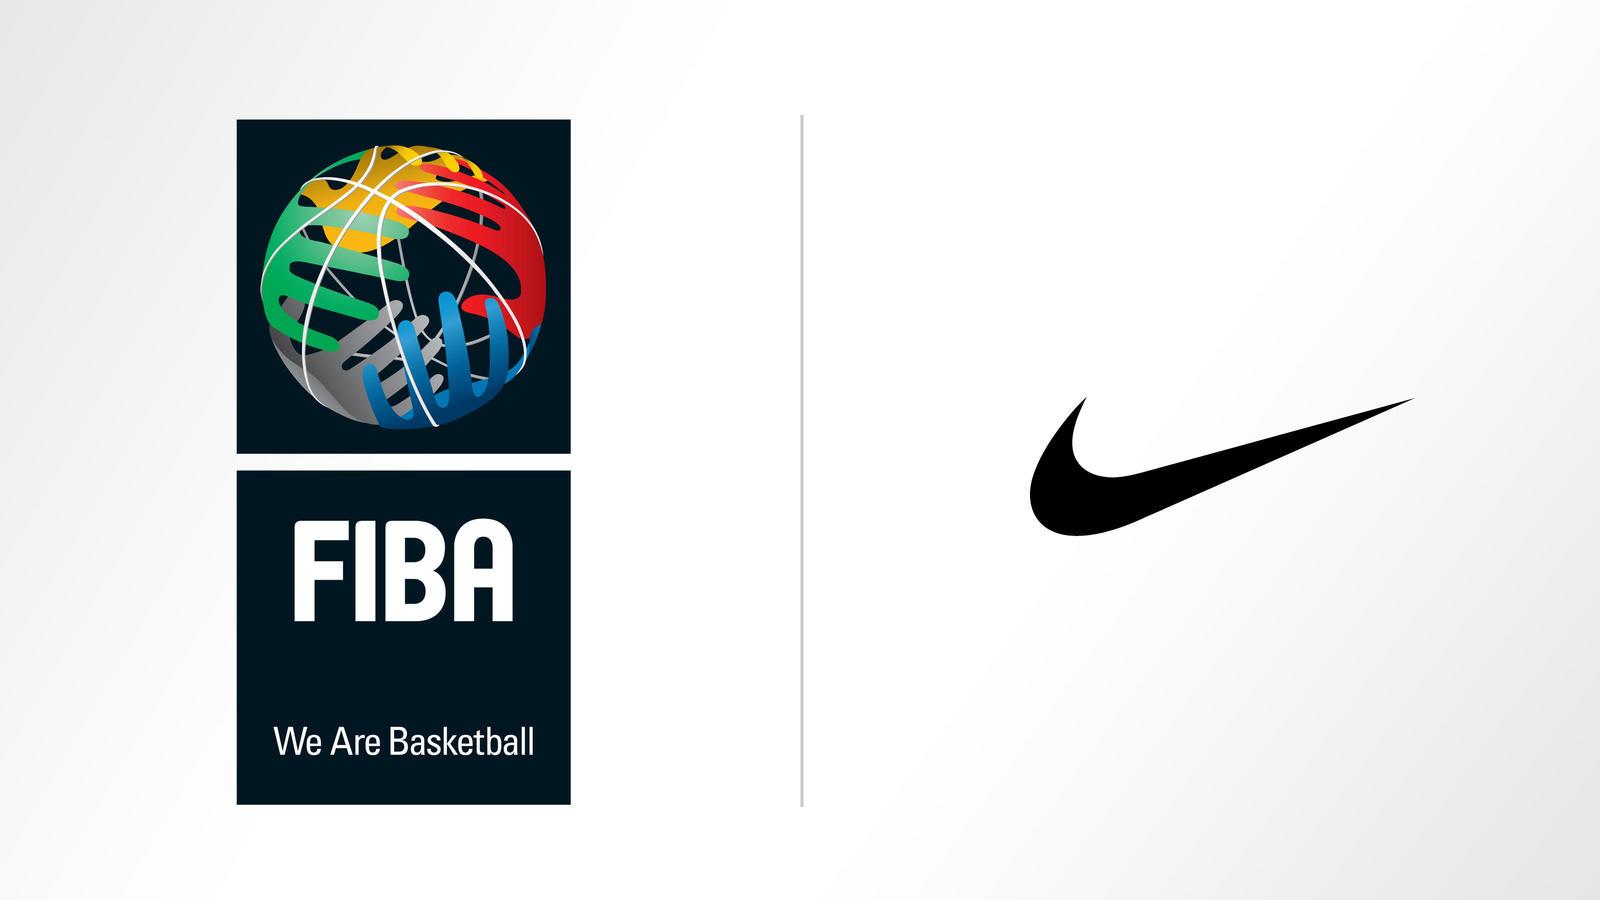 Nike And Fiba Partner To Grow Basketball Around The World Nike News